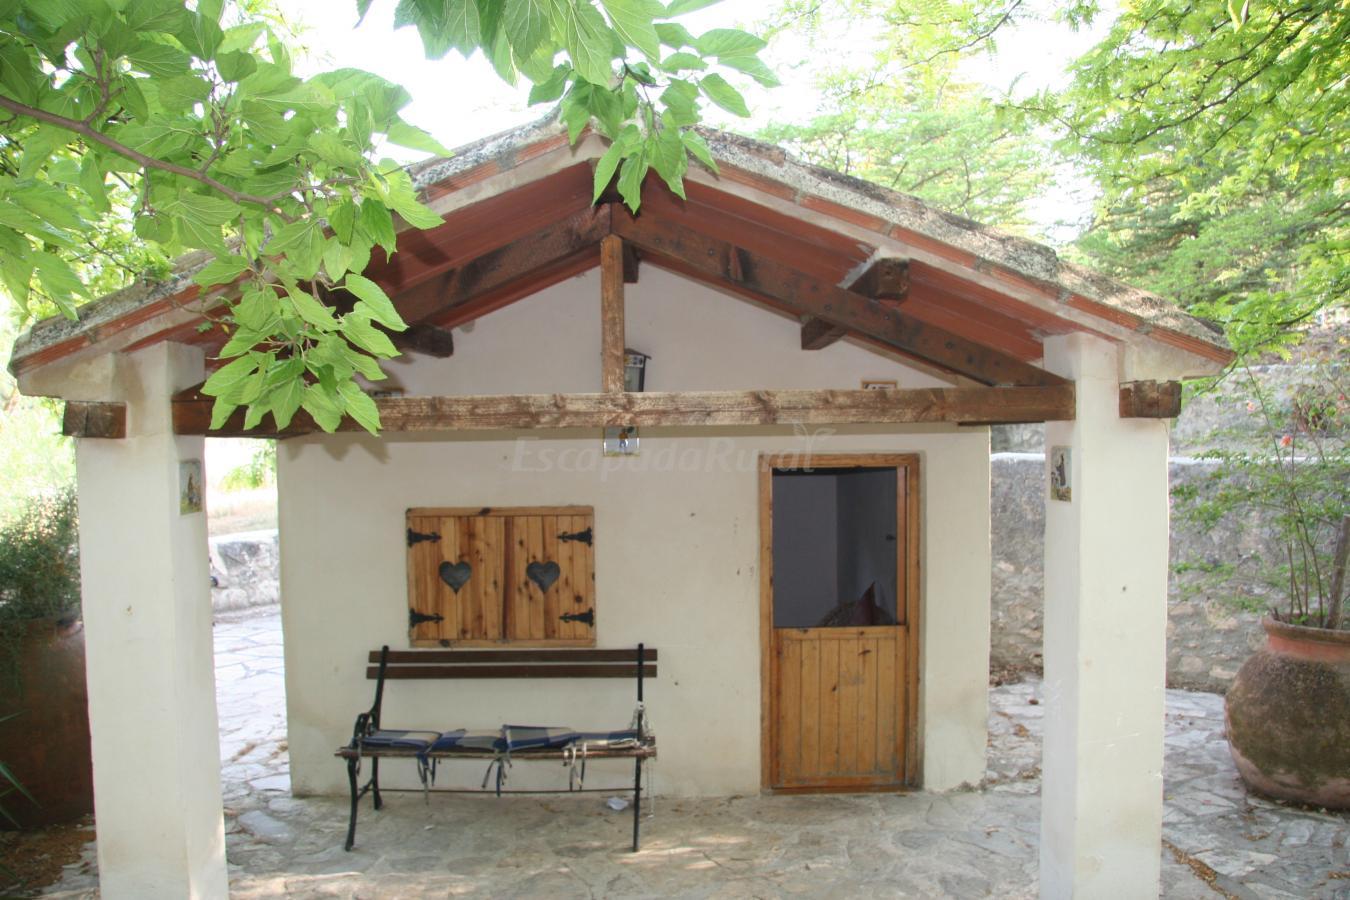 Fotos de mas a el pare sant casa rural en alcoi alcoy alicante - Casa rural alcoy ...